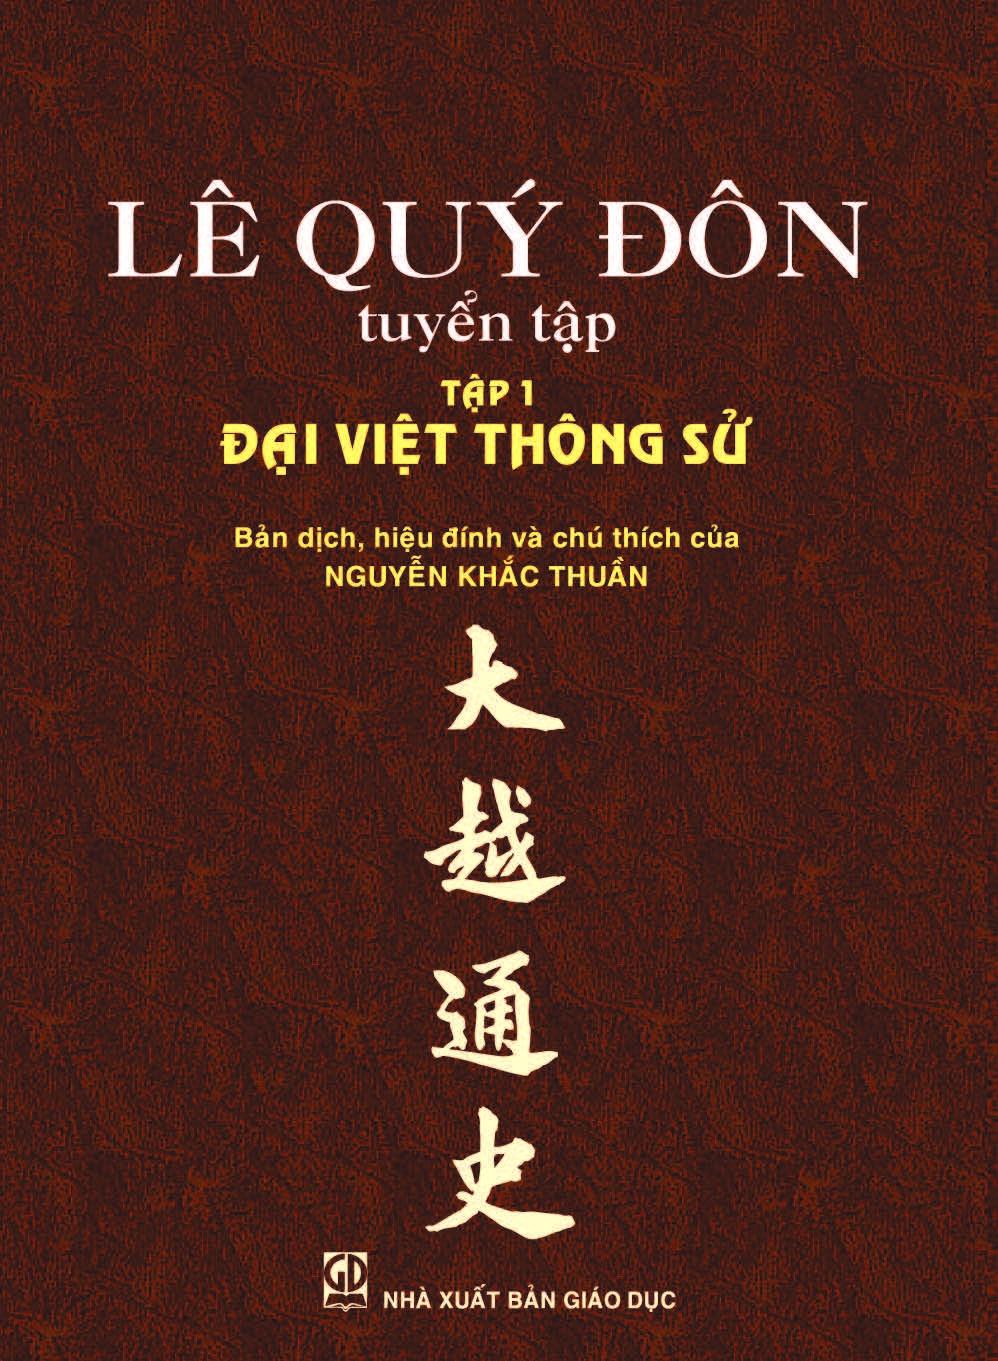 Lê Quý Đôn tuyển tập - tập 1 - Đại Việt thông sử